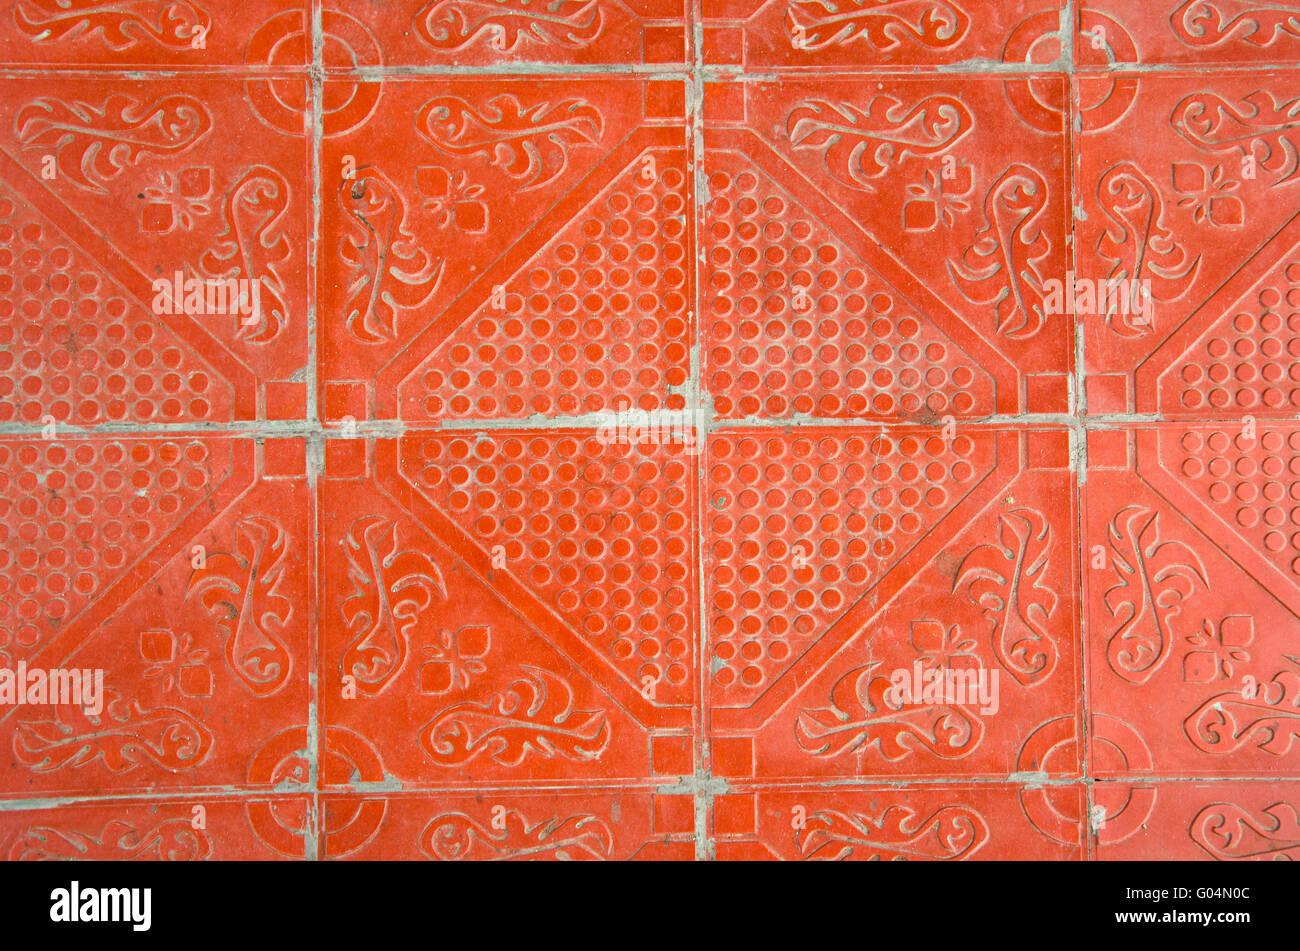 Zusammenfassung Hintergrund orange dekorative Fliesen und Textur ...